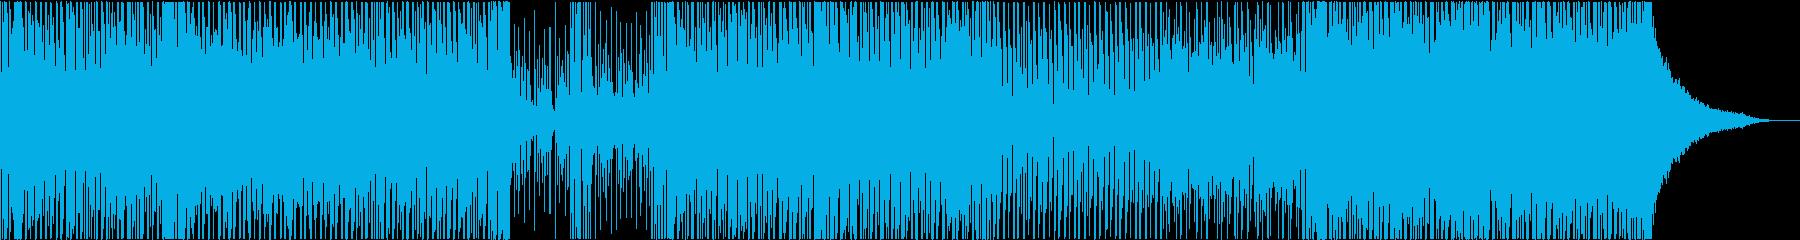 アニメ コミカル 可愛い 面白い テクノの再生済みの波形